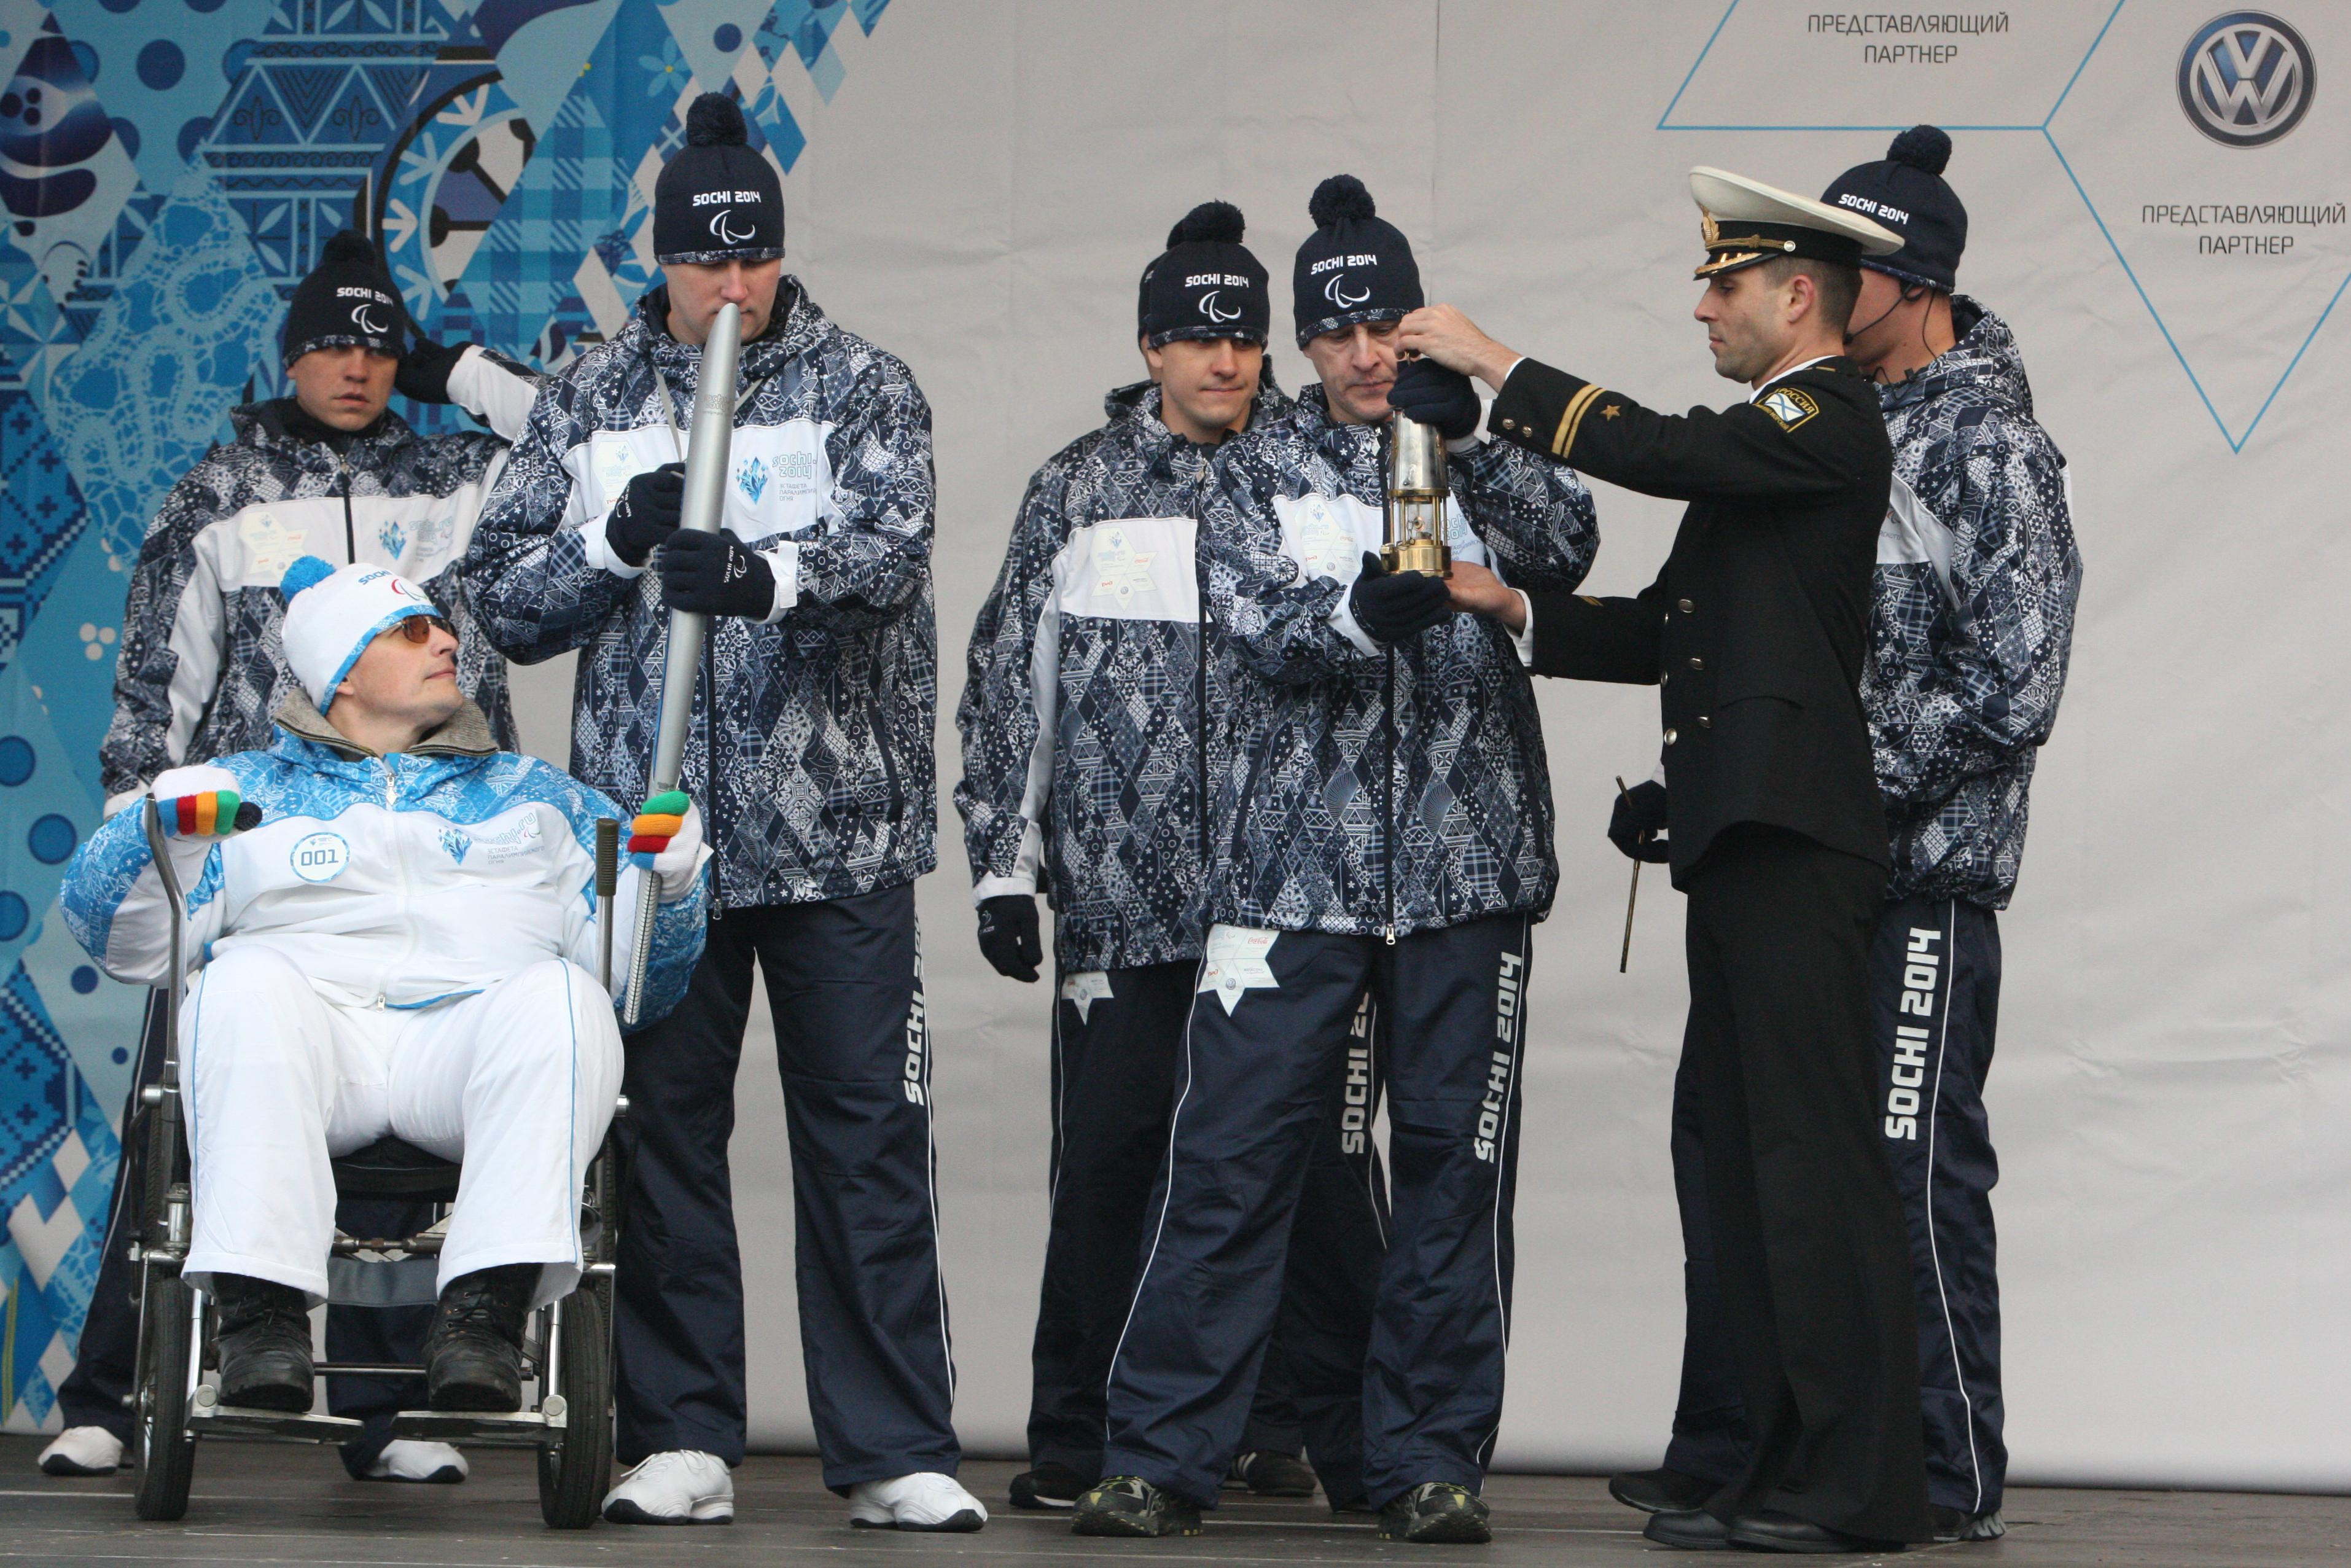 Факелоносец Руслан Чуканов во время эстафеты Паралимпийского огня во Владивостоке